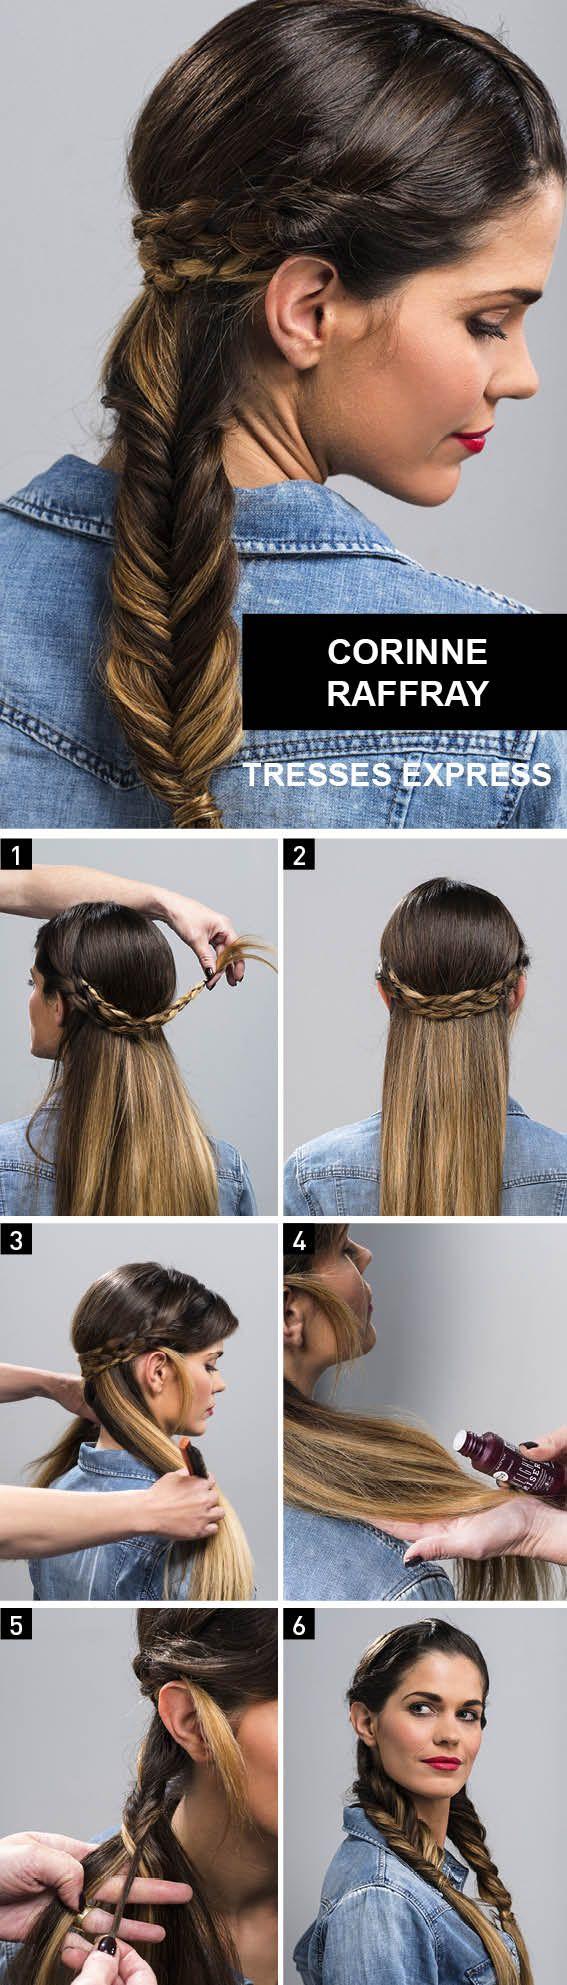 Coiffeur Corinne Raffray Hair Designer Professeur A L Academy L Ecole De Coiffure Et D Esthetique De Ren Coiffures Pour L Ecole Coiffure Idees De Coiffures